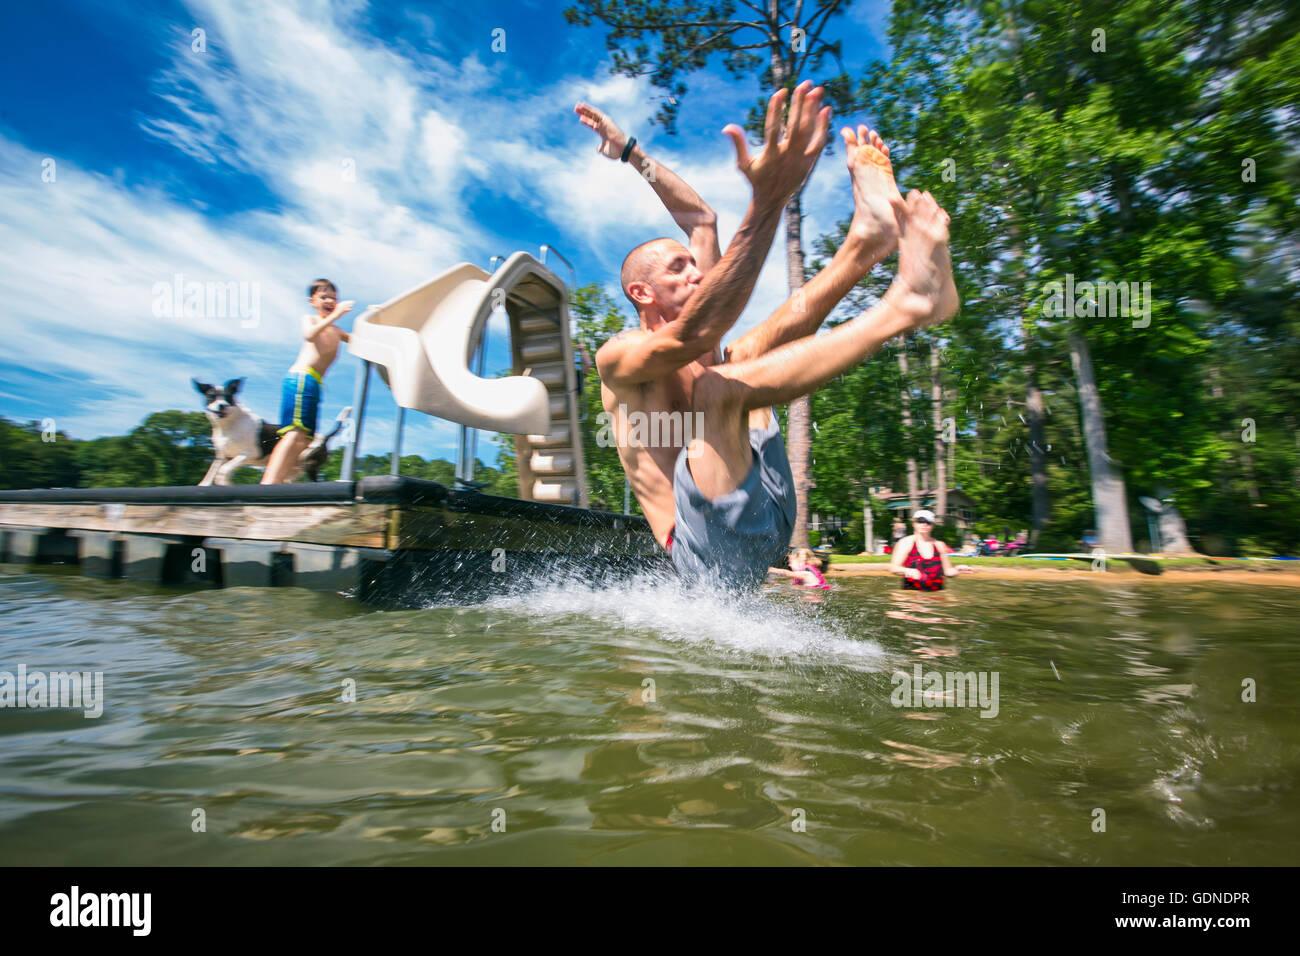 Man splashing into lake from pier slide at Jackson Lake, Georgia, USA - Stock Image